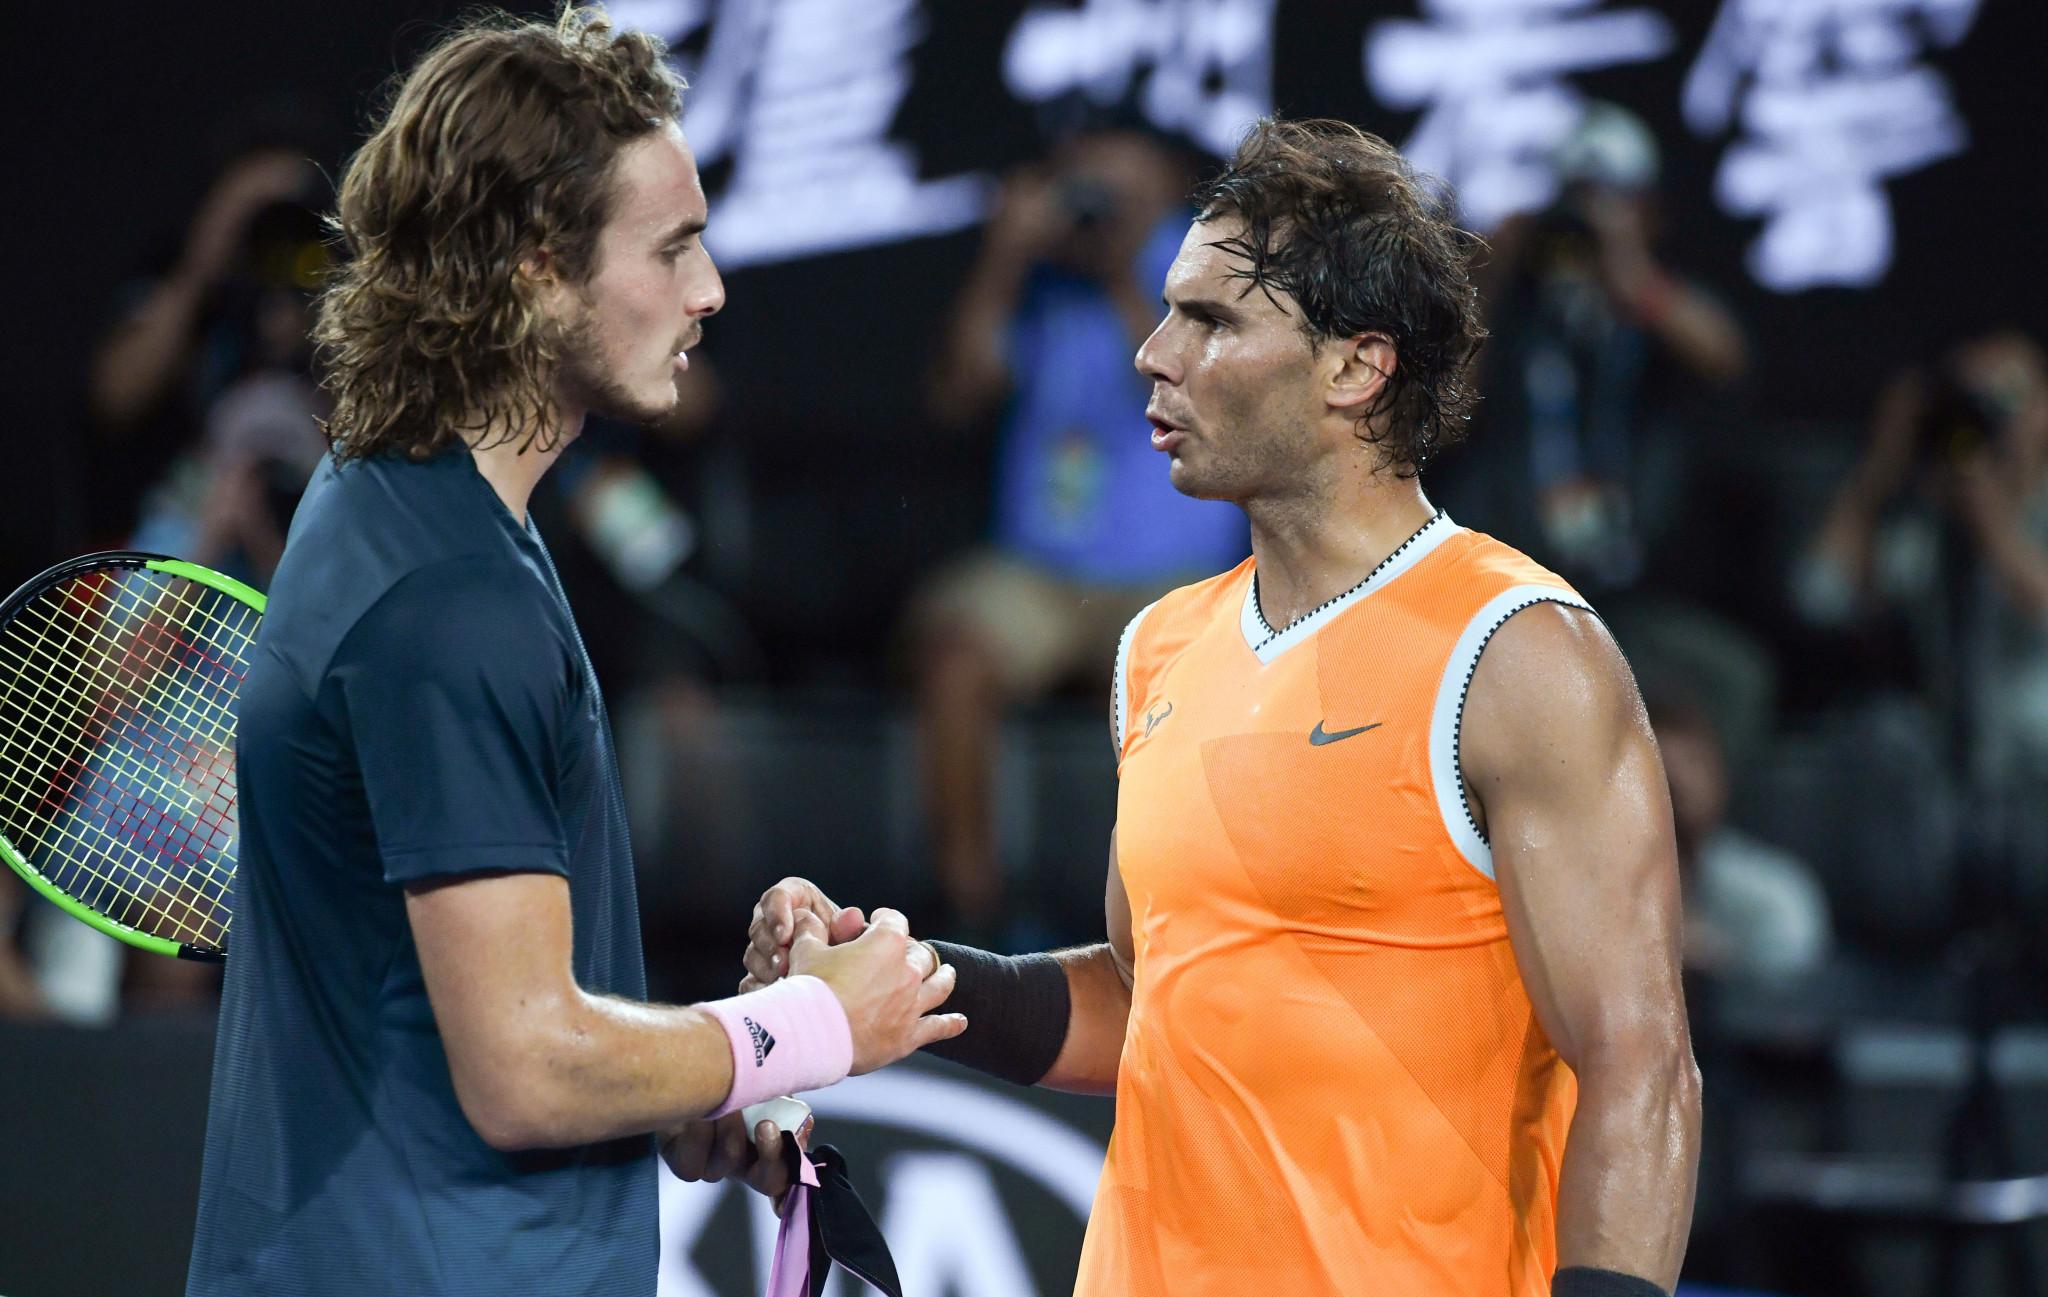 Nadal ends Tsitsipas' run to reach Australian Open final